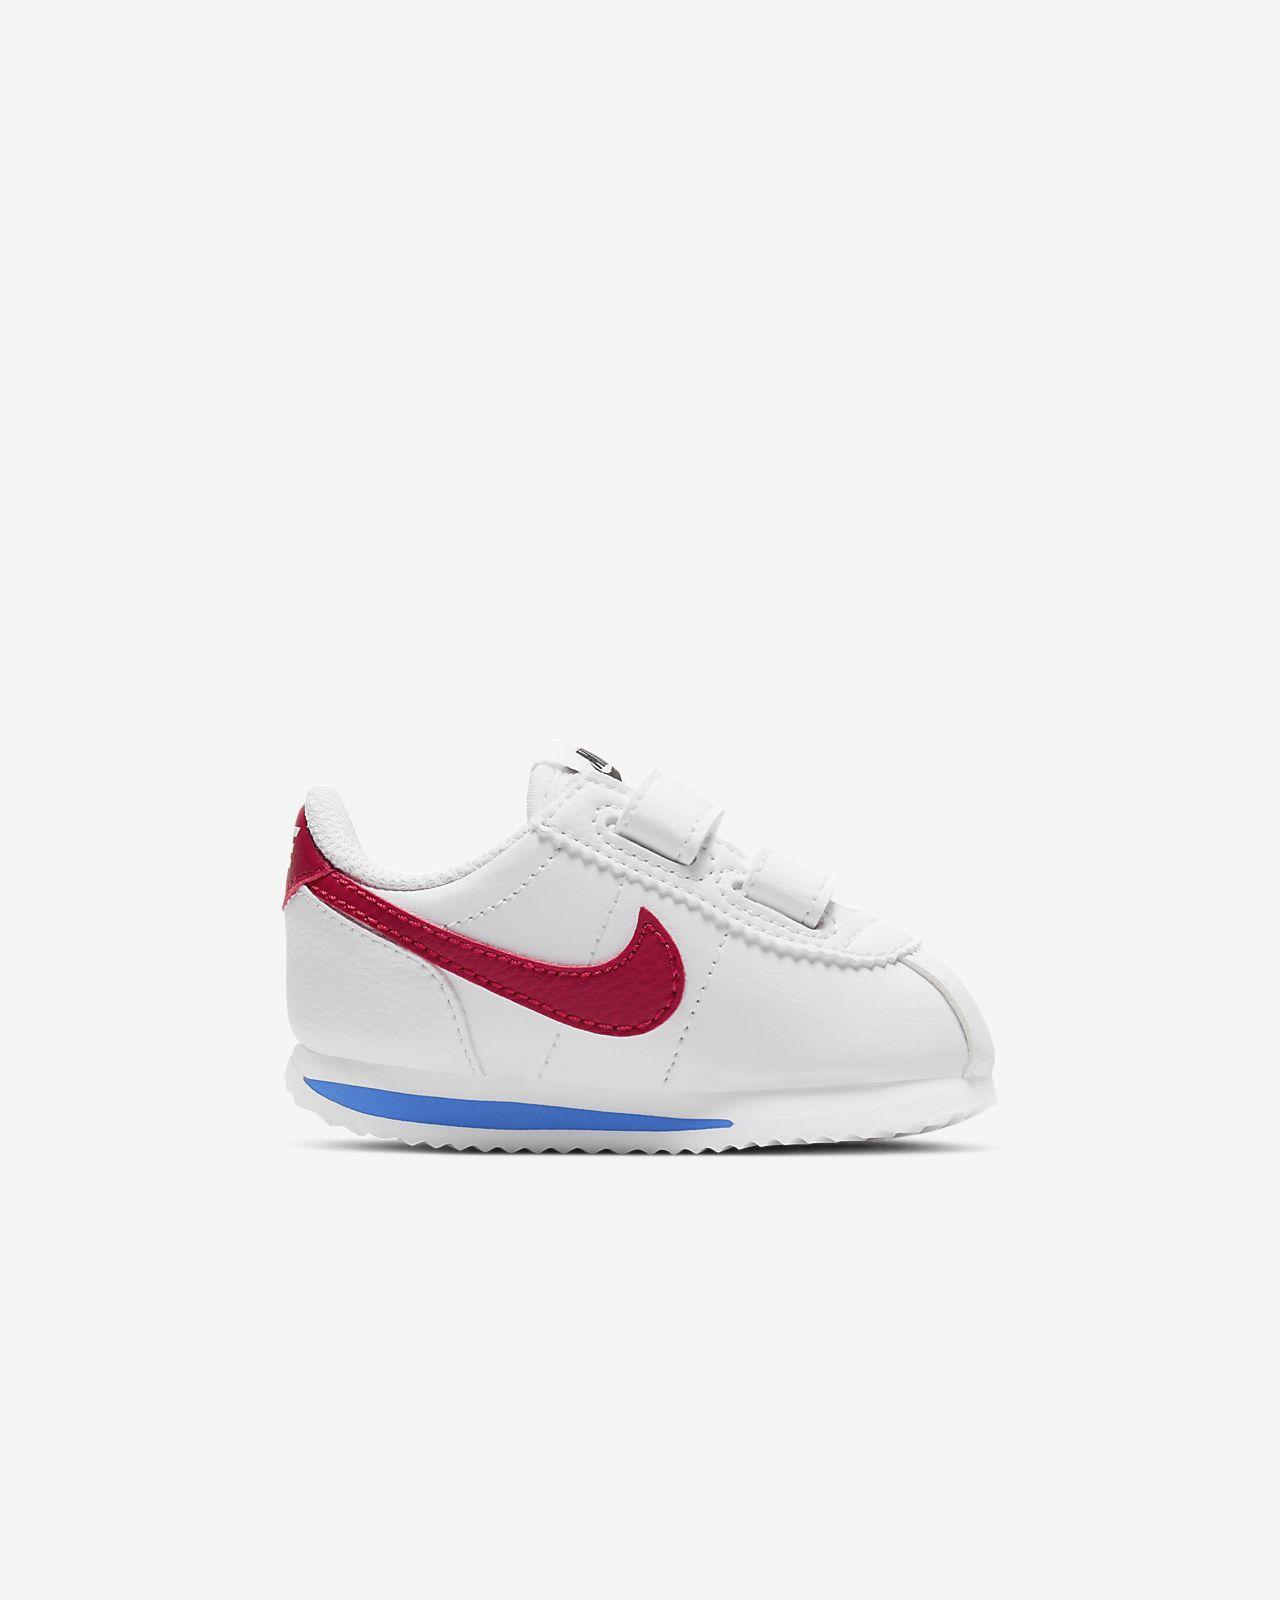 Nike Cortez Basic SL Infant/Toddler